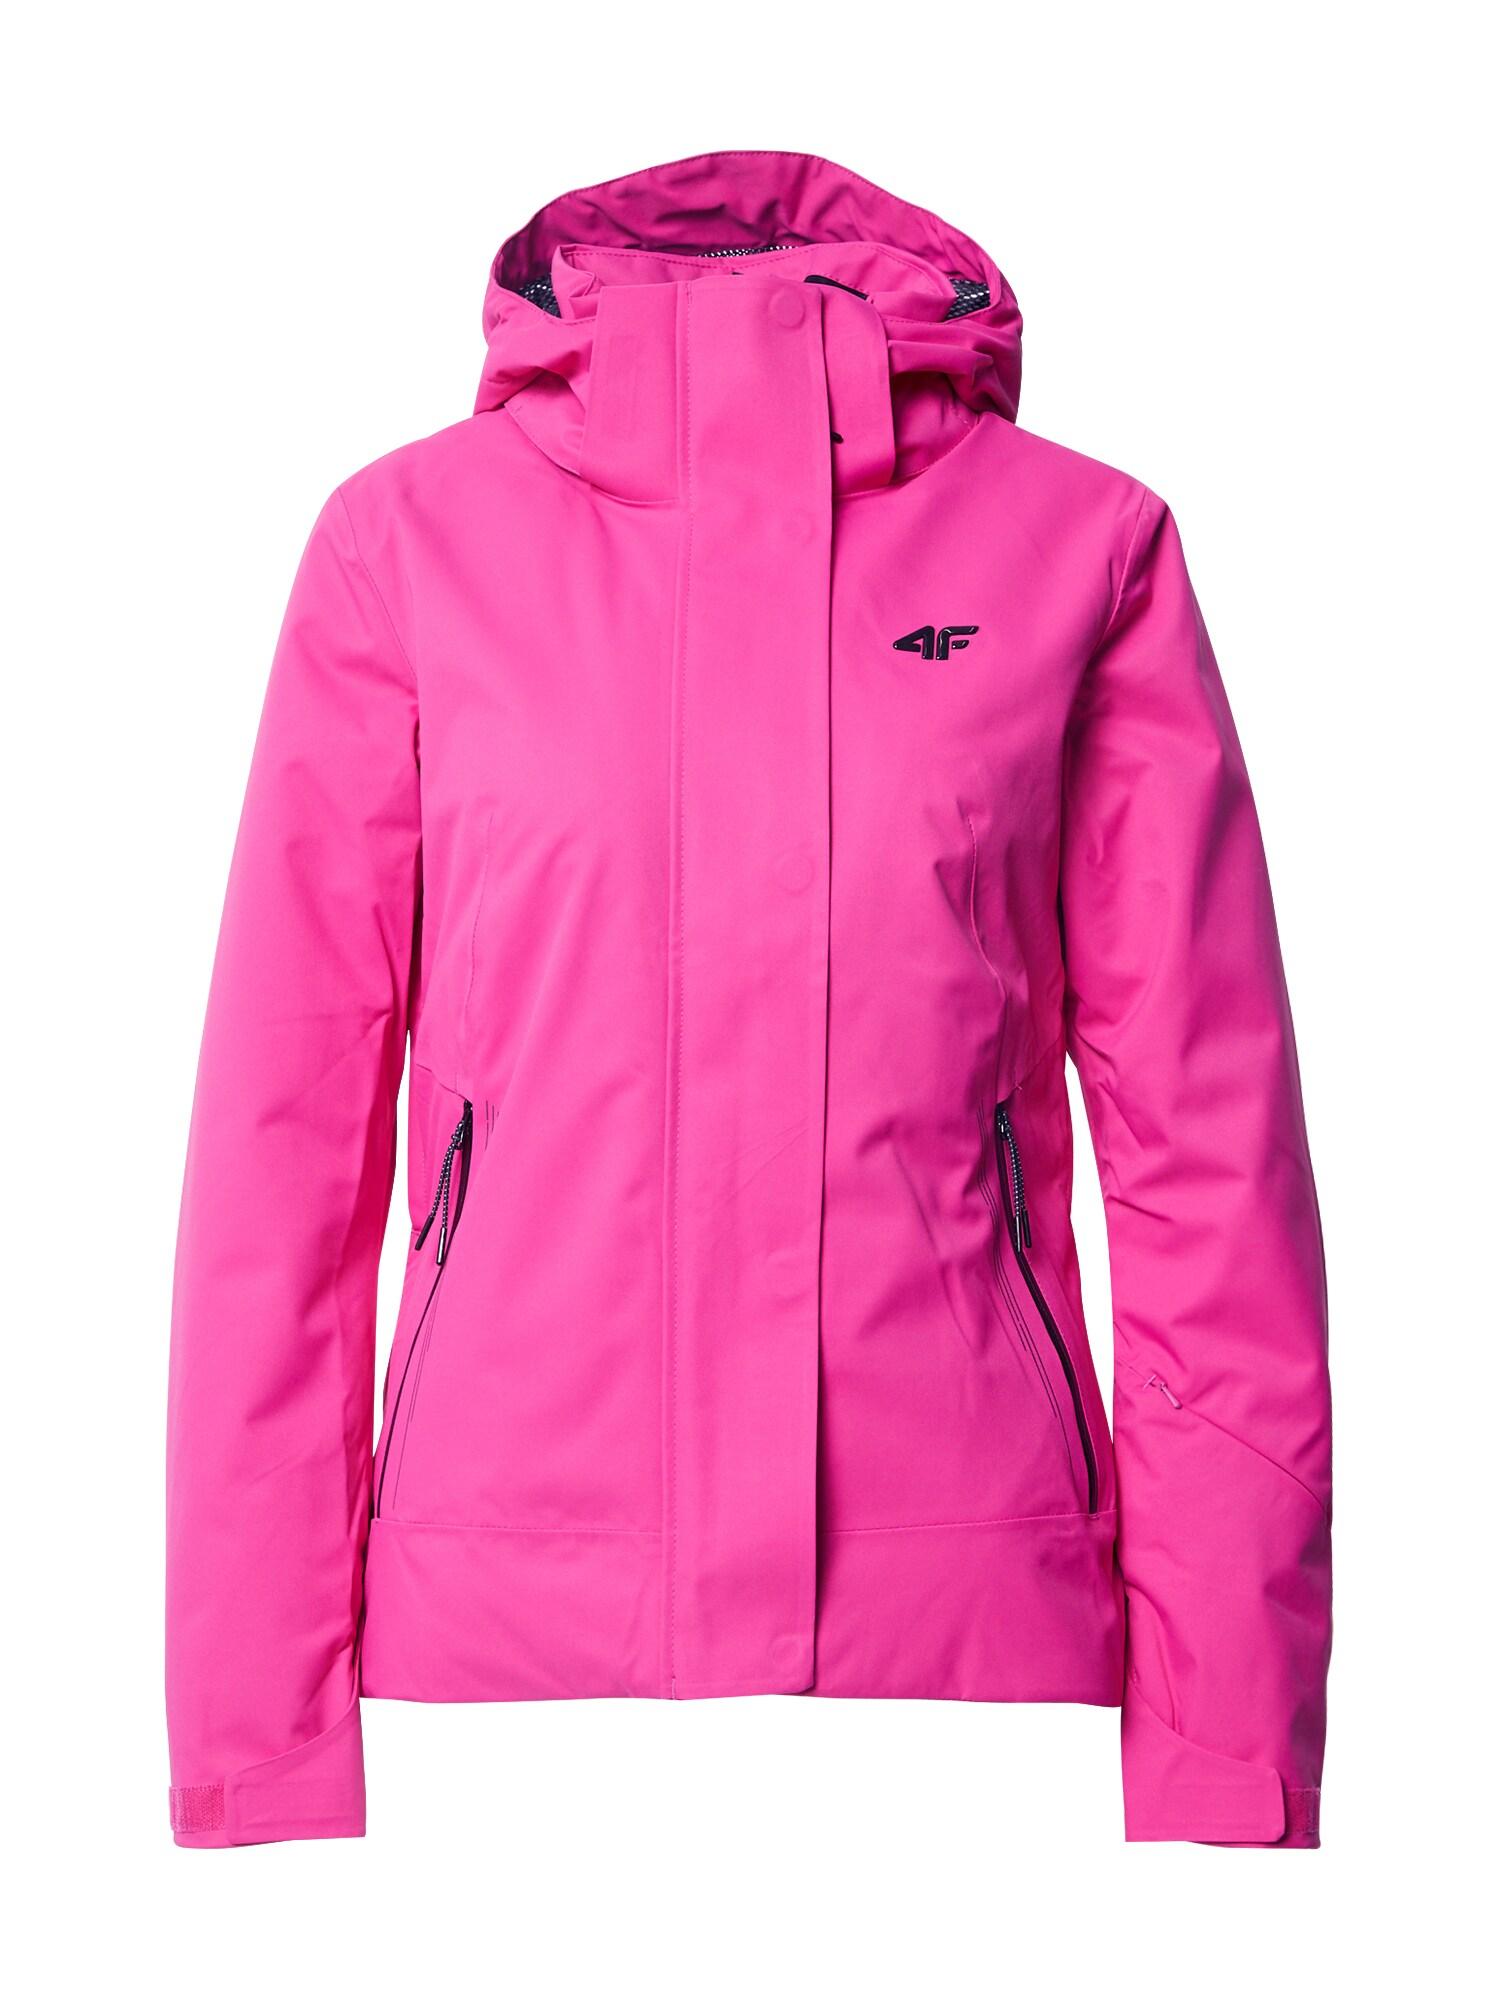 4F Outdoorová bunda  tmavě růžová